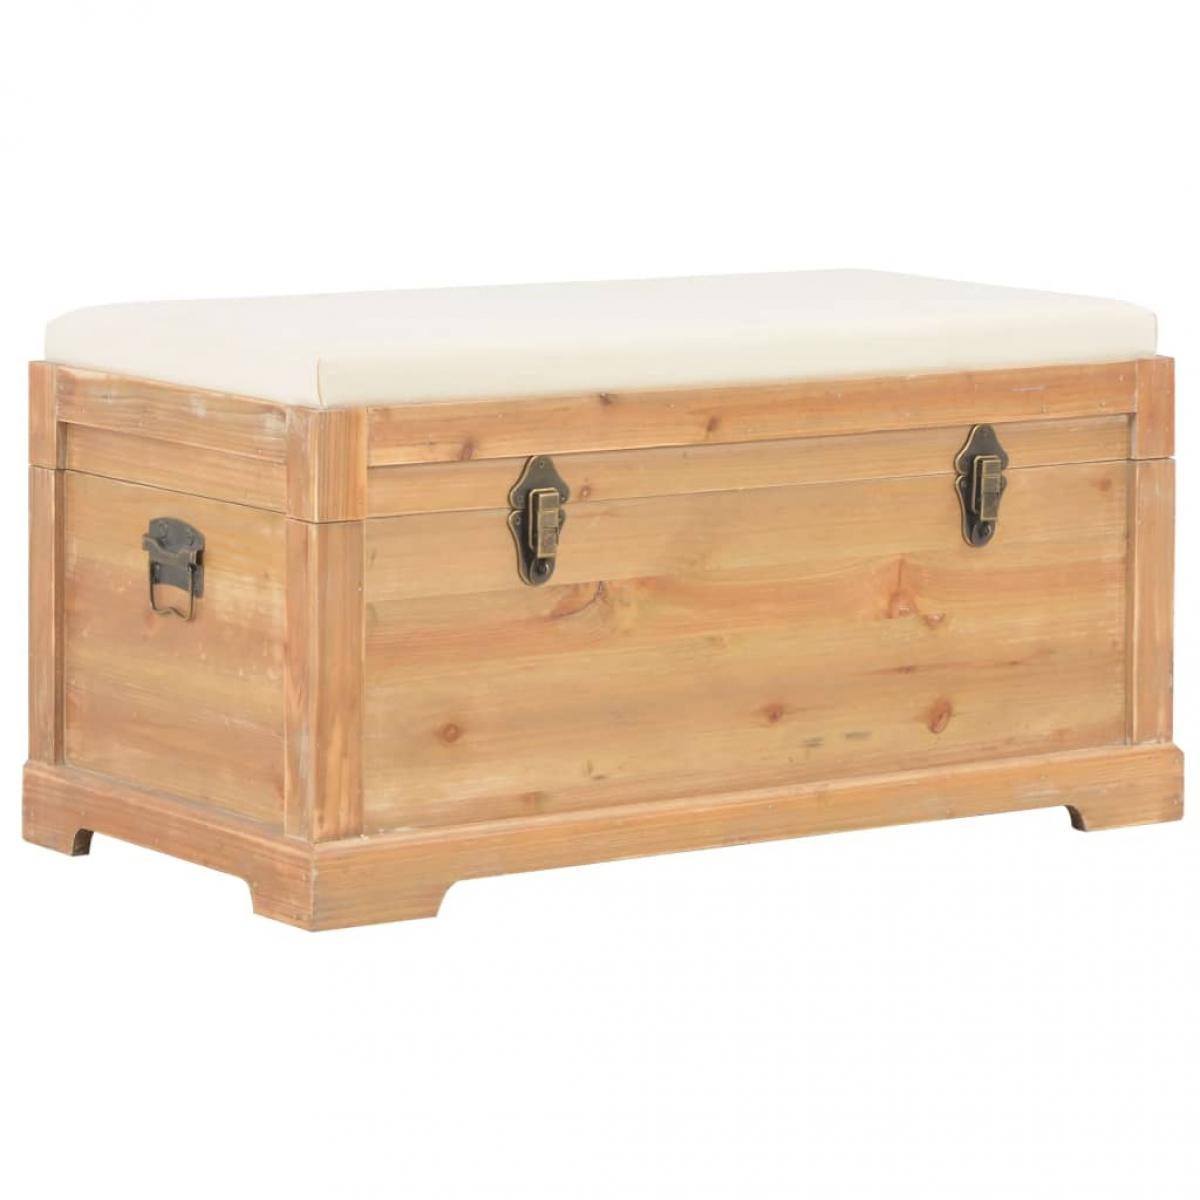 ξυλινο κουτι φυσικο χρωμα